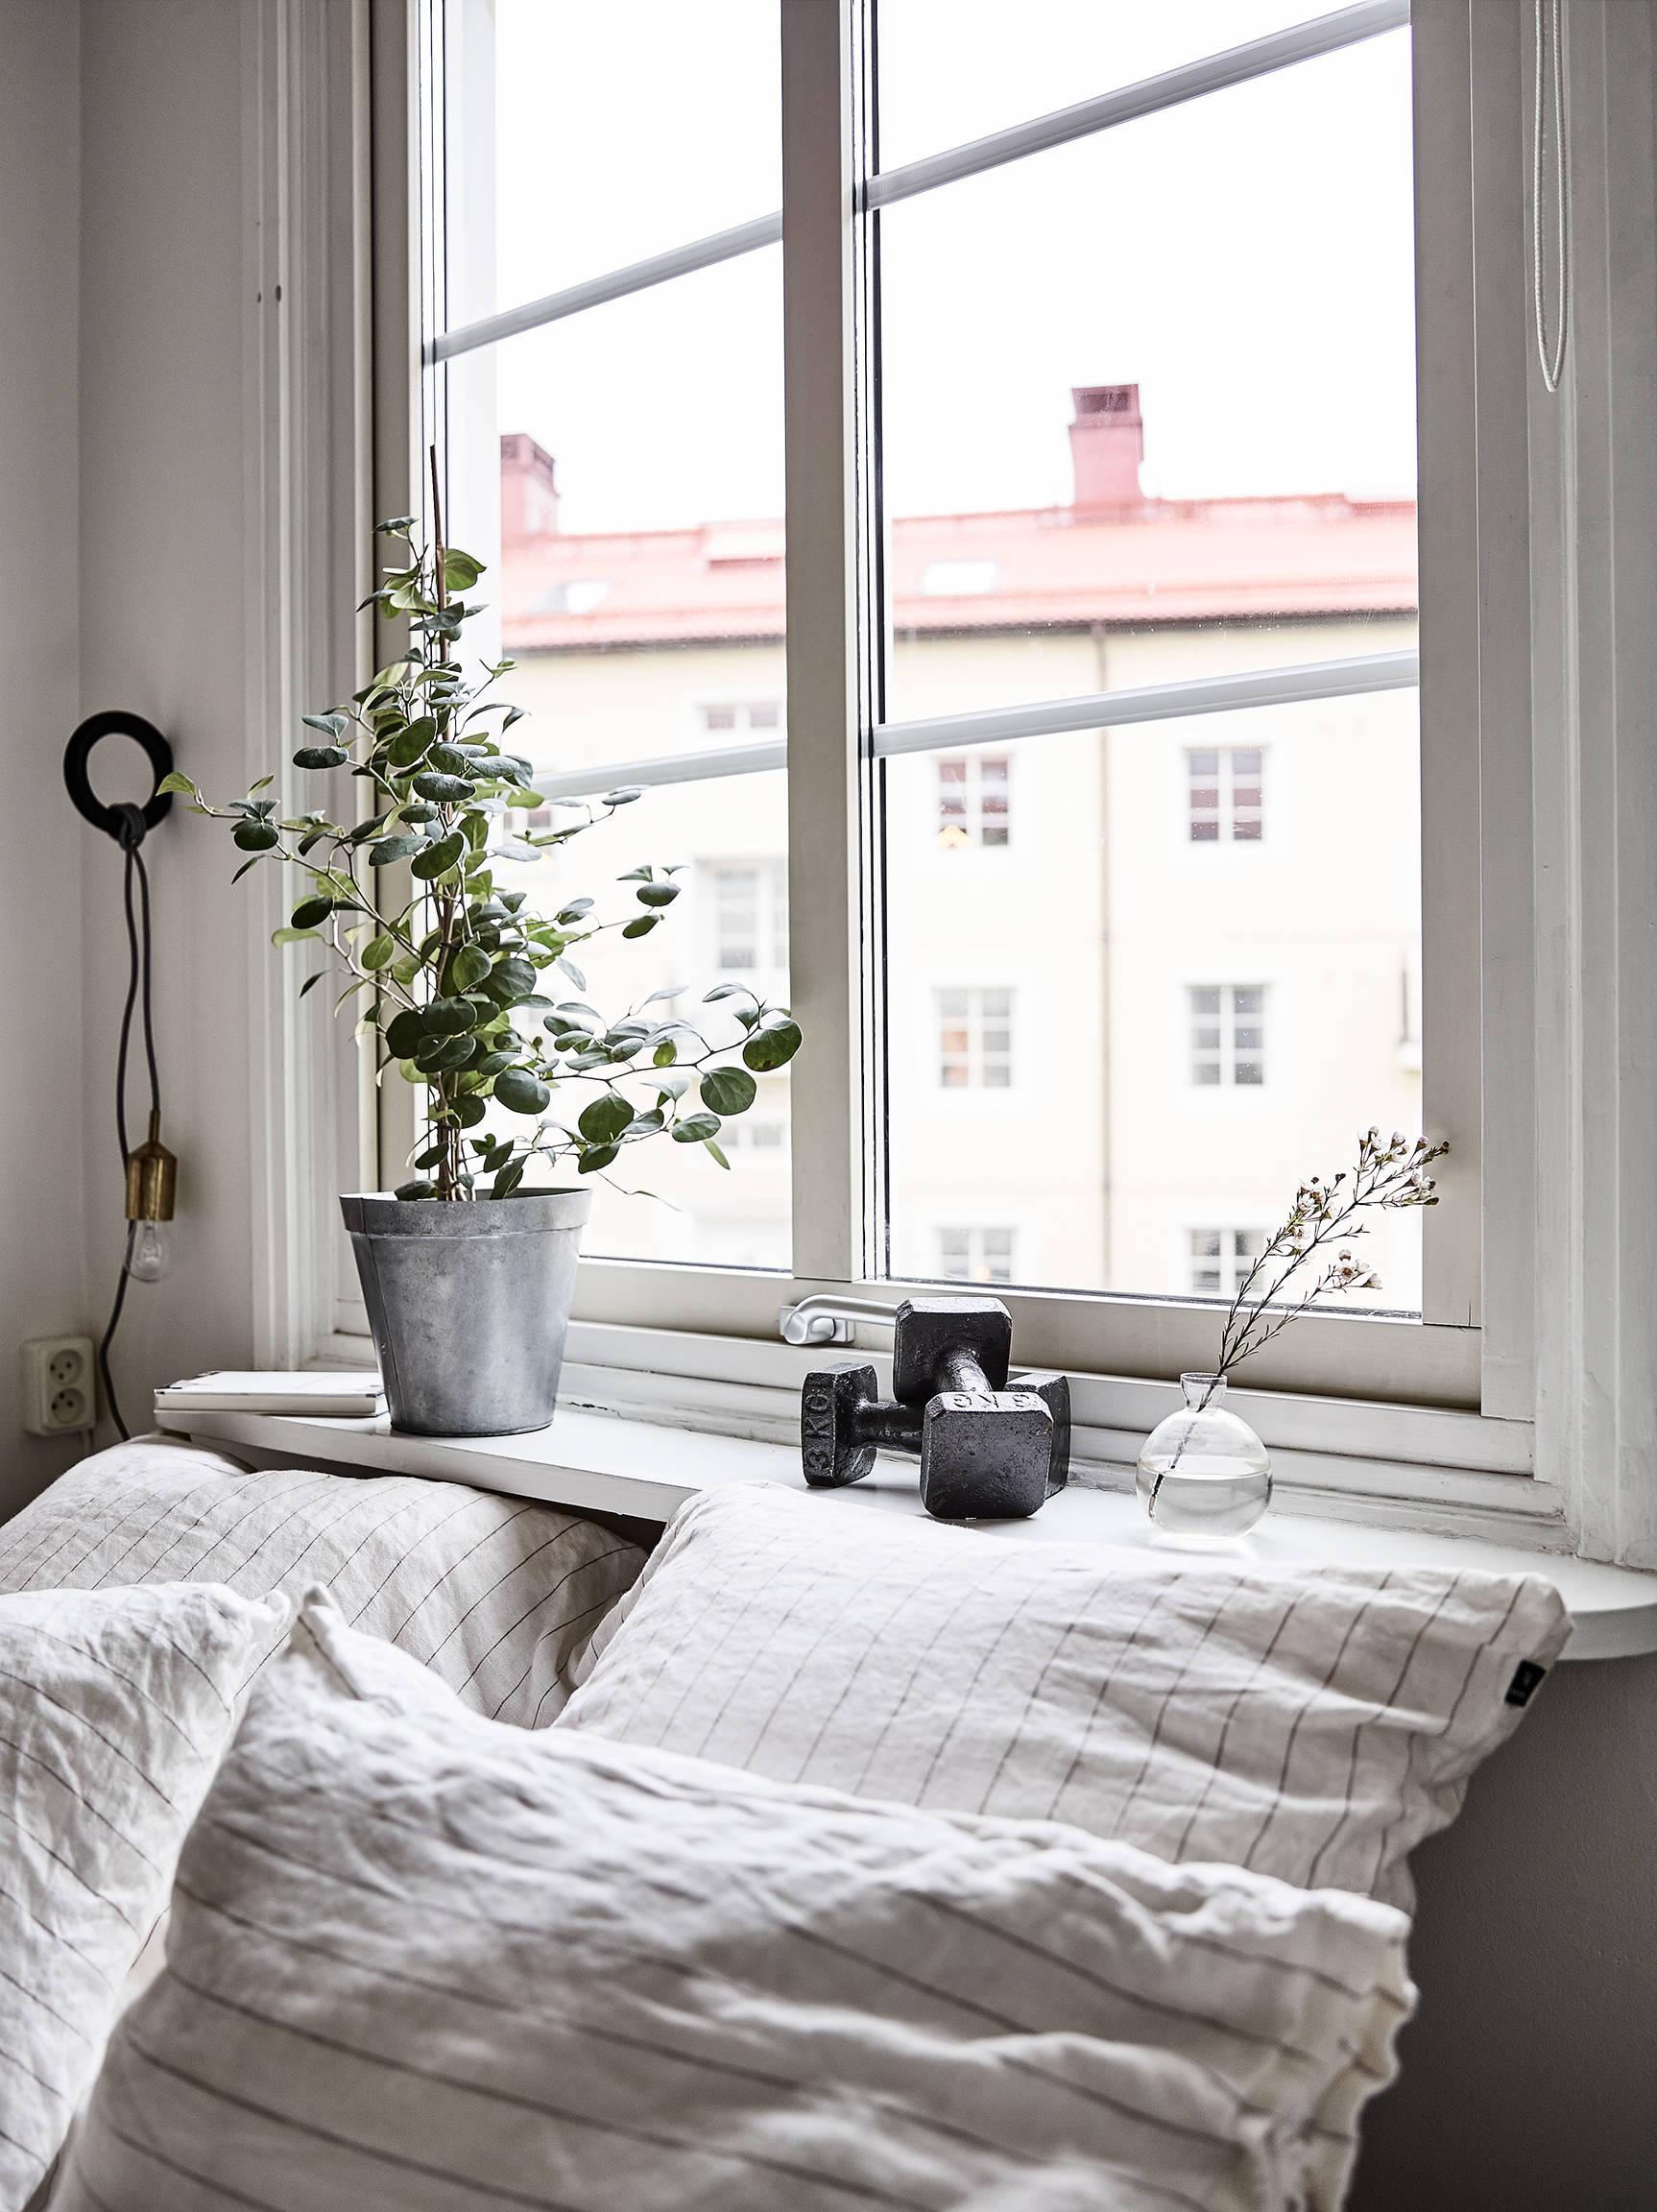 Кровать изголовьем к окну в интерьере